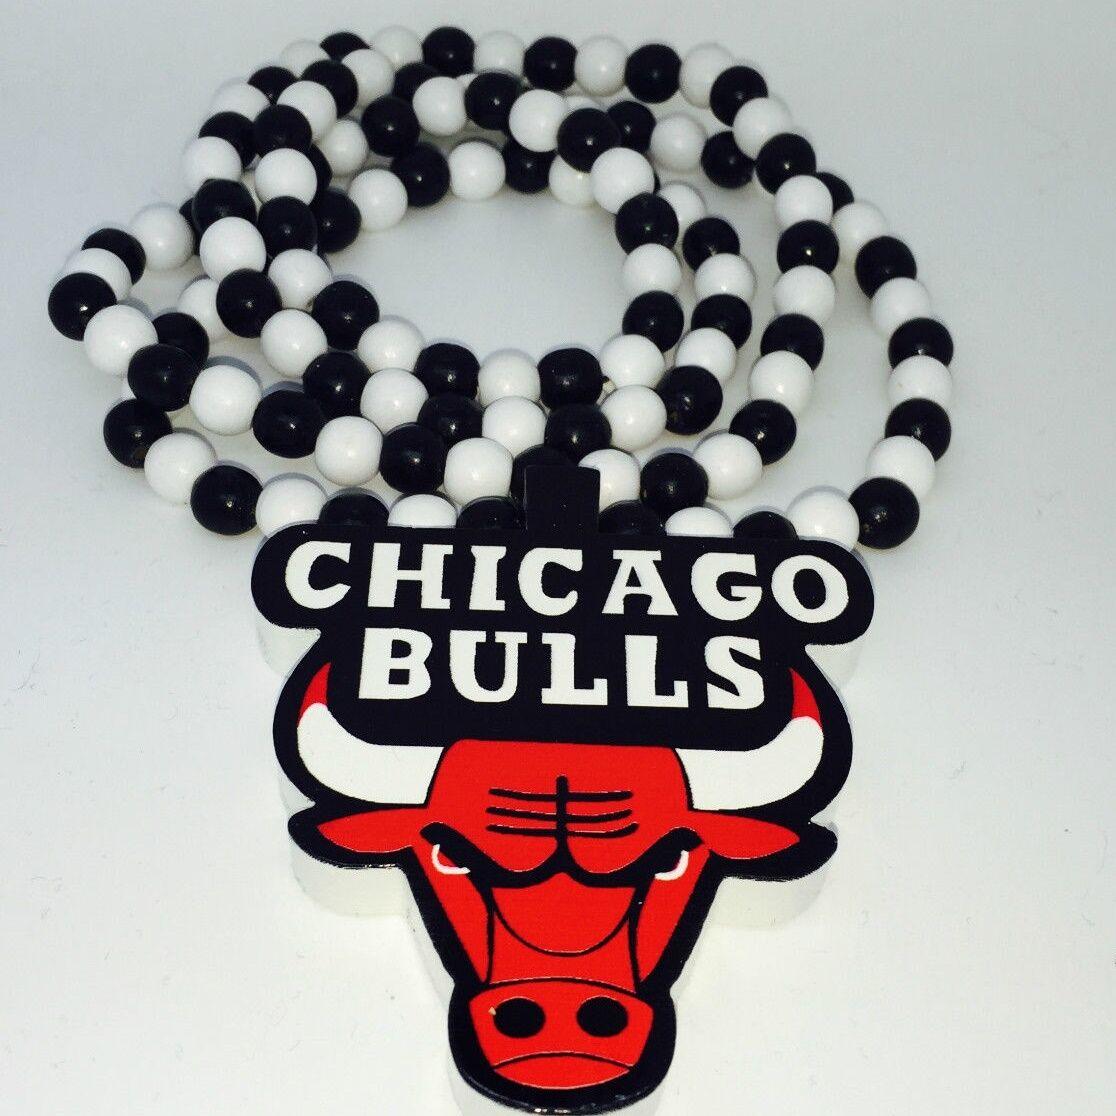 Halskette Bulls Herren Männer Hip Hop Chicago Biker Massiv Breit Panzer Silber